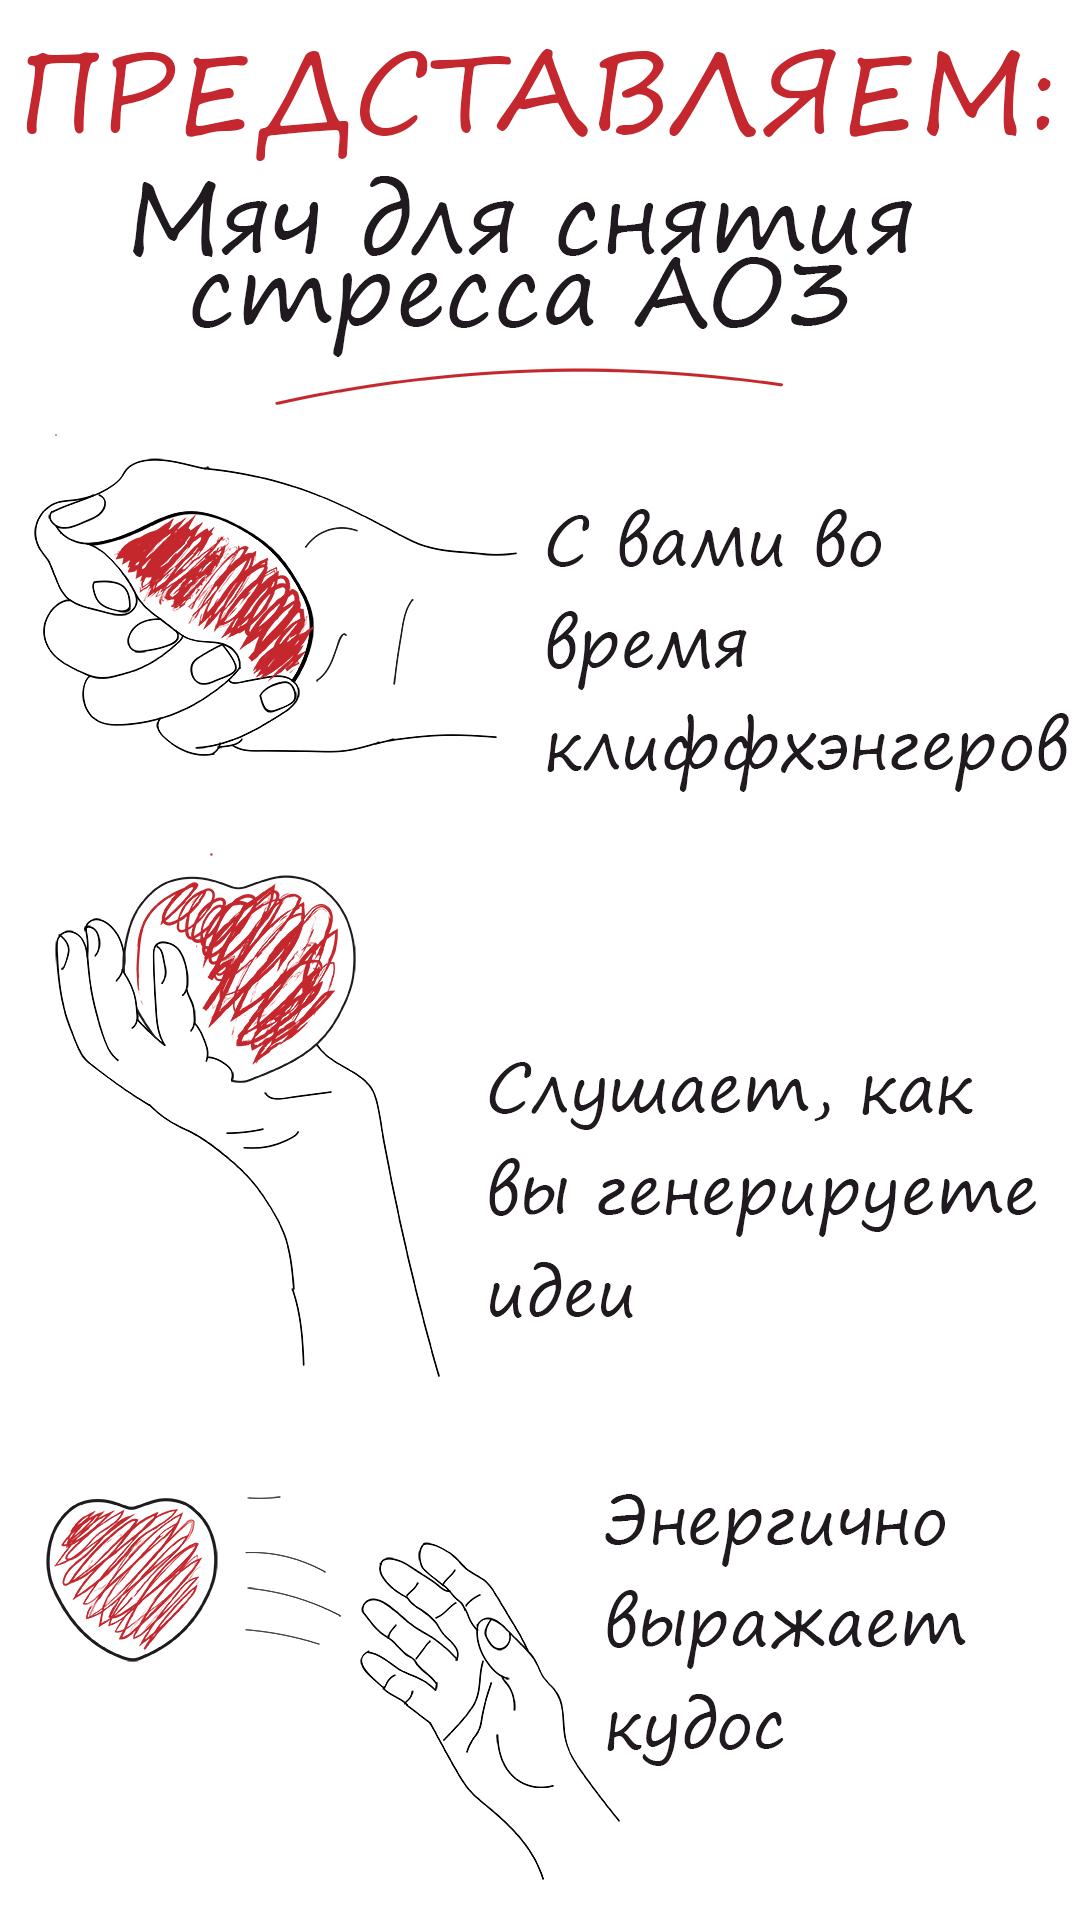 Иллюстрация, демонстрирующая возможное применение мячика для снятия стресса, гласящая: